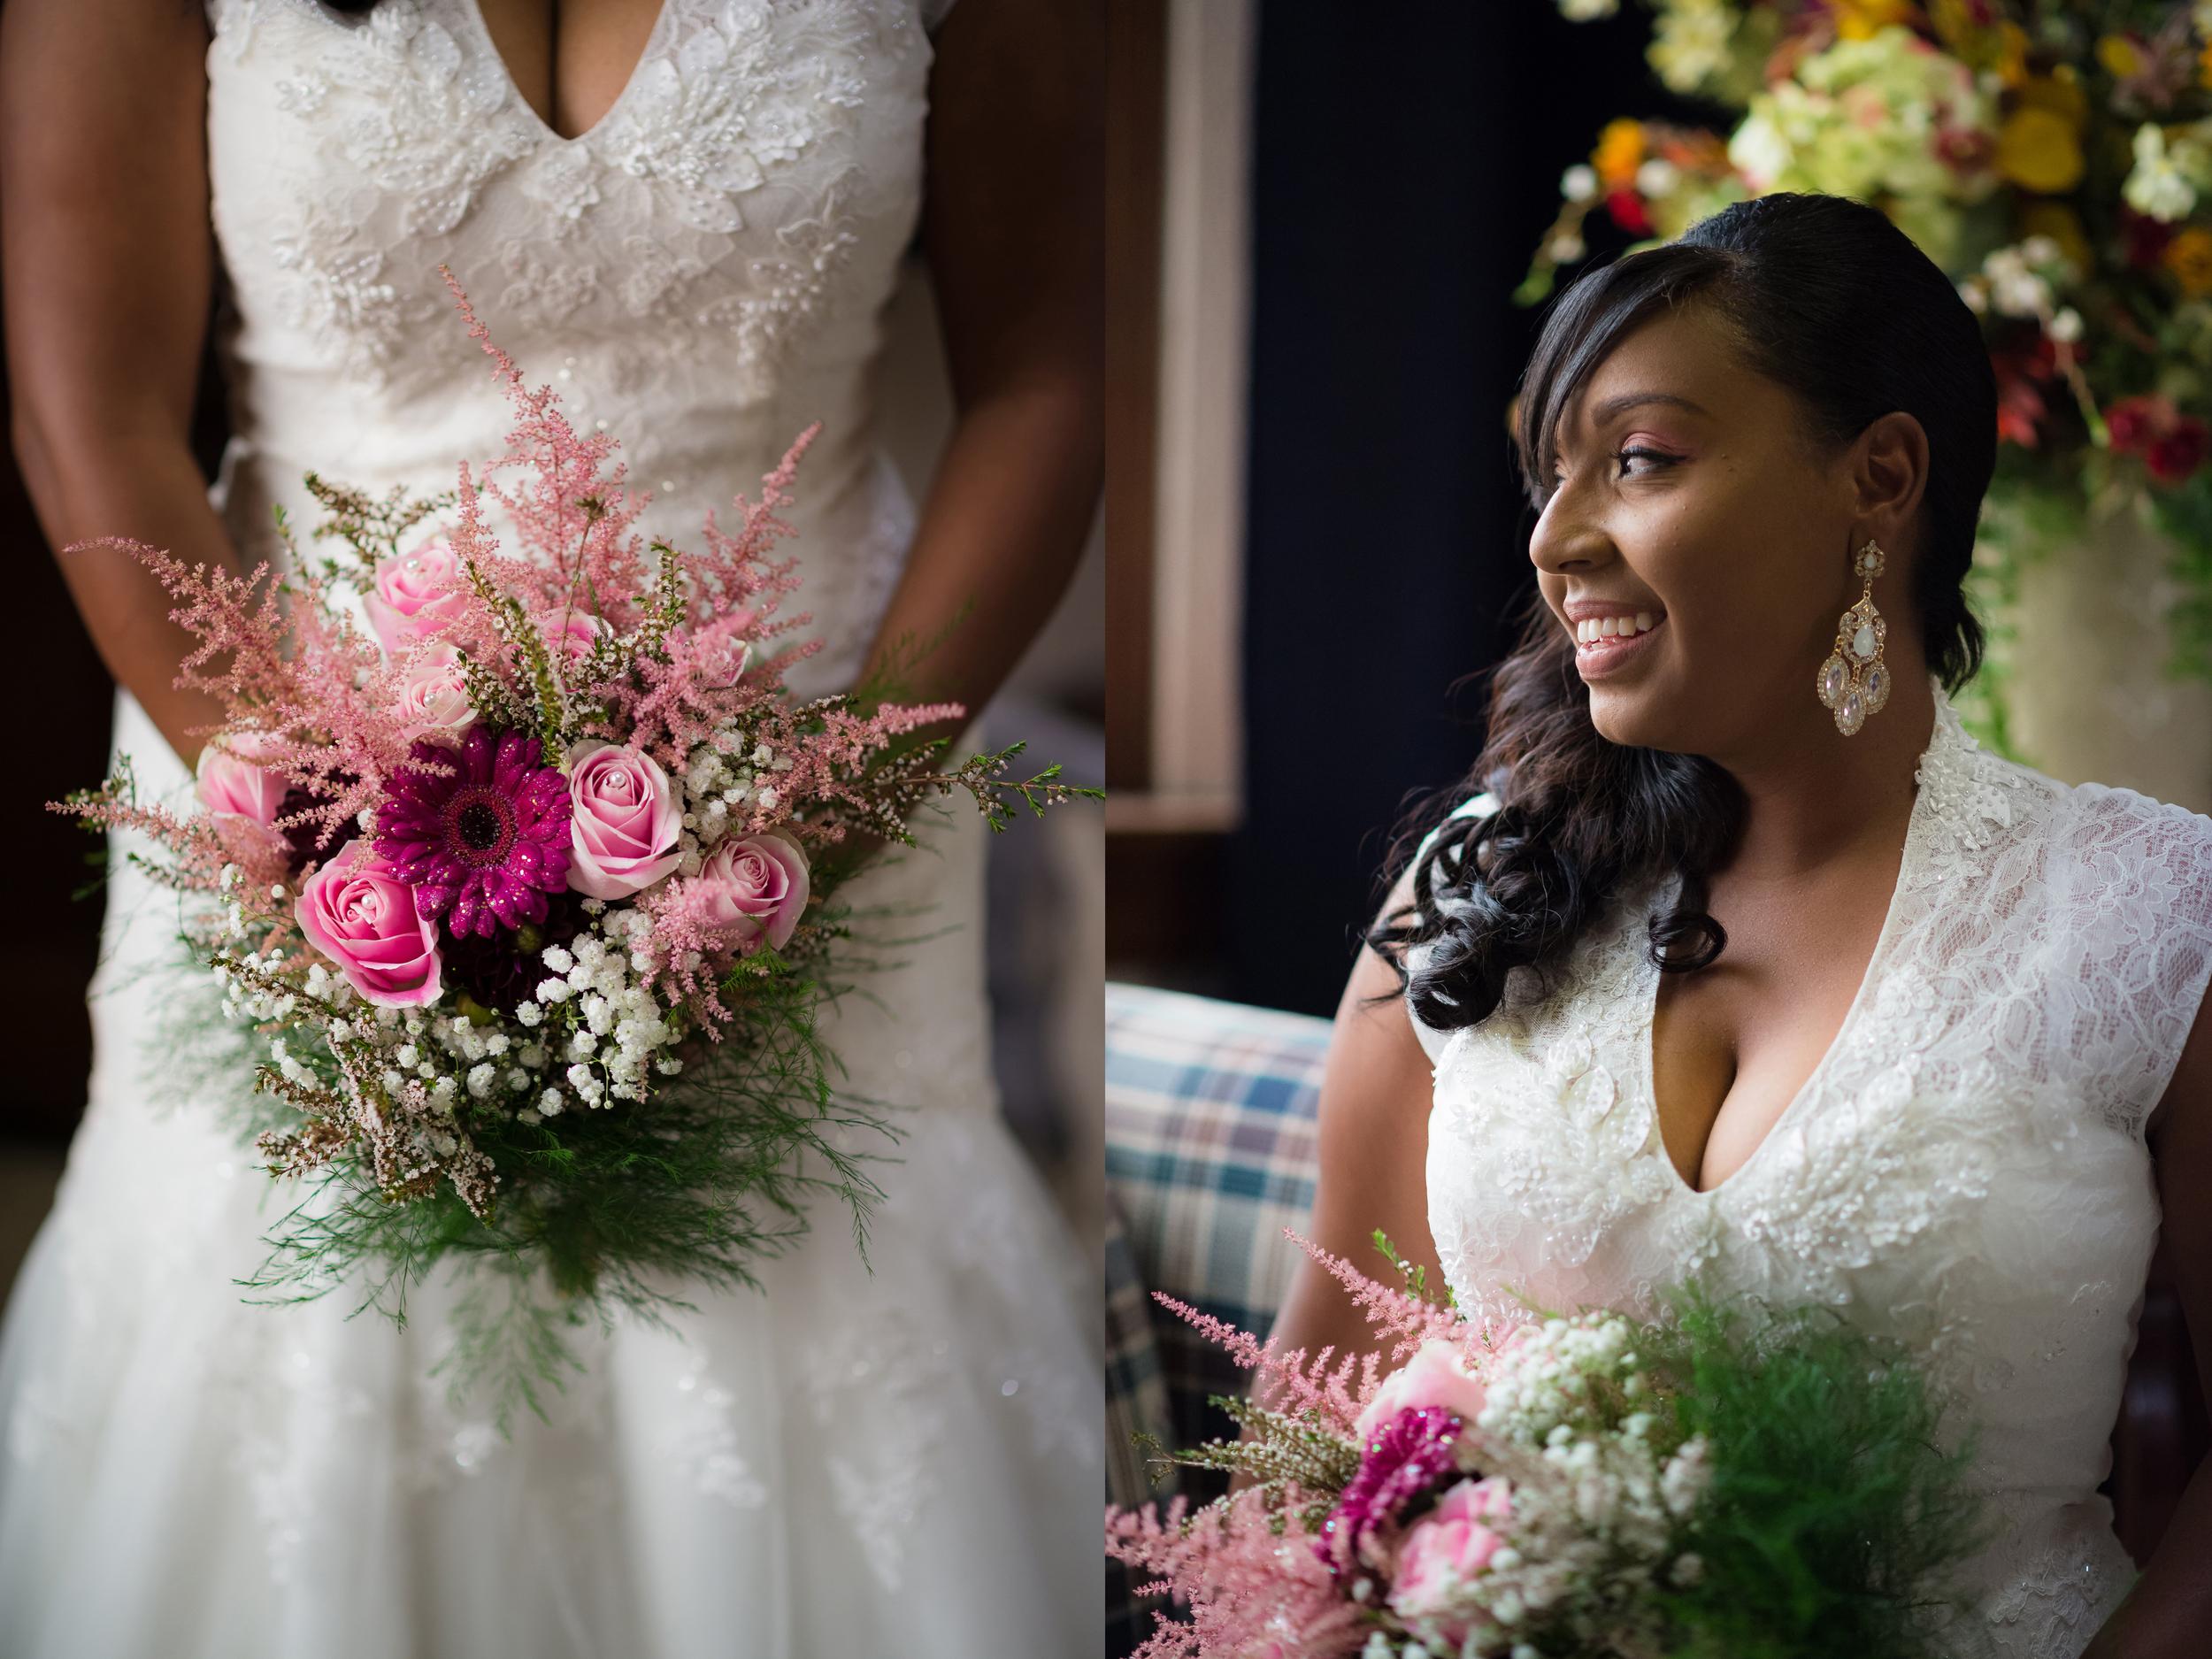 Isela-Josh-Wedding-Garcia-Photography-3614-3600.jpg